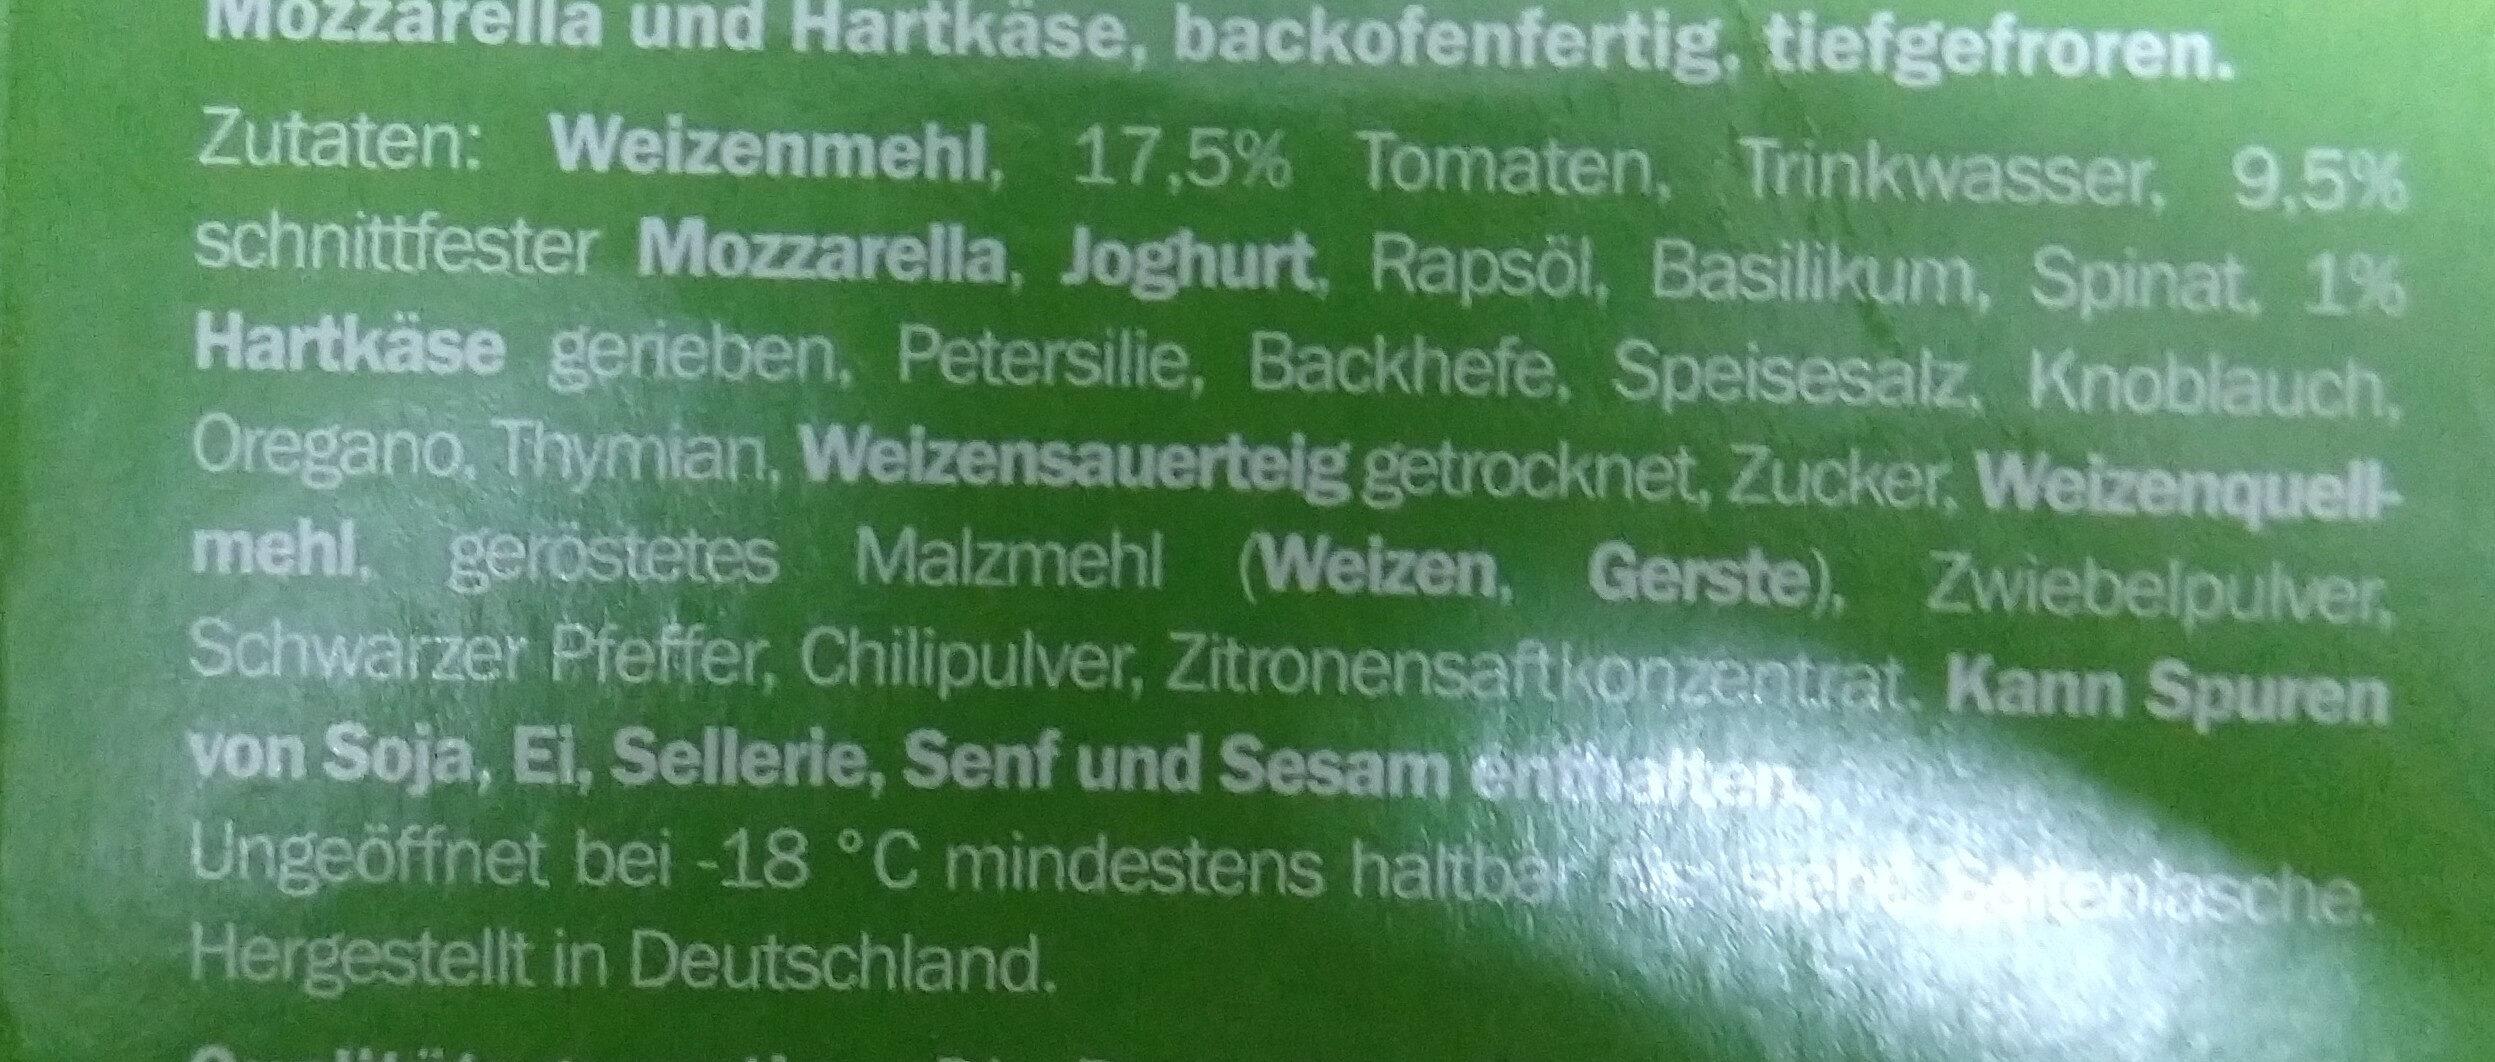 Pizza baguette alfredo - Ingredients - de